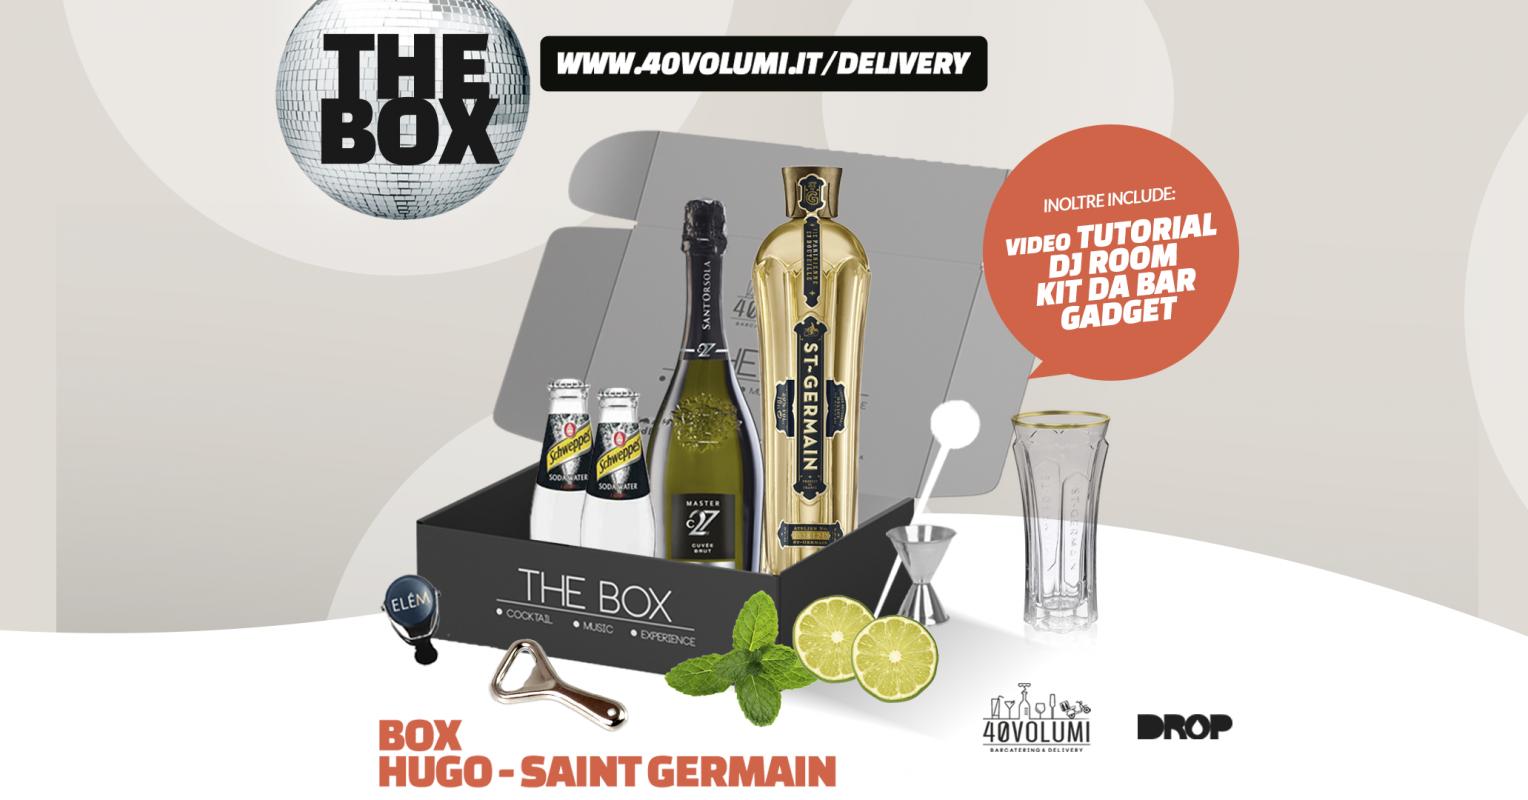 box hugo saint germain per 40 volumi